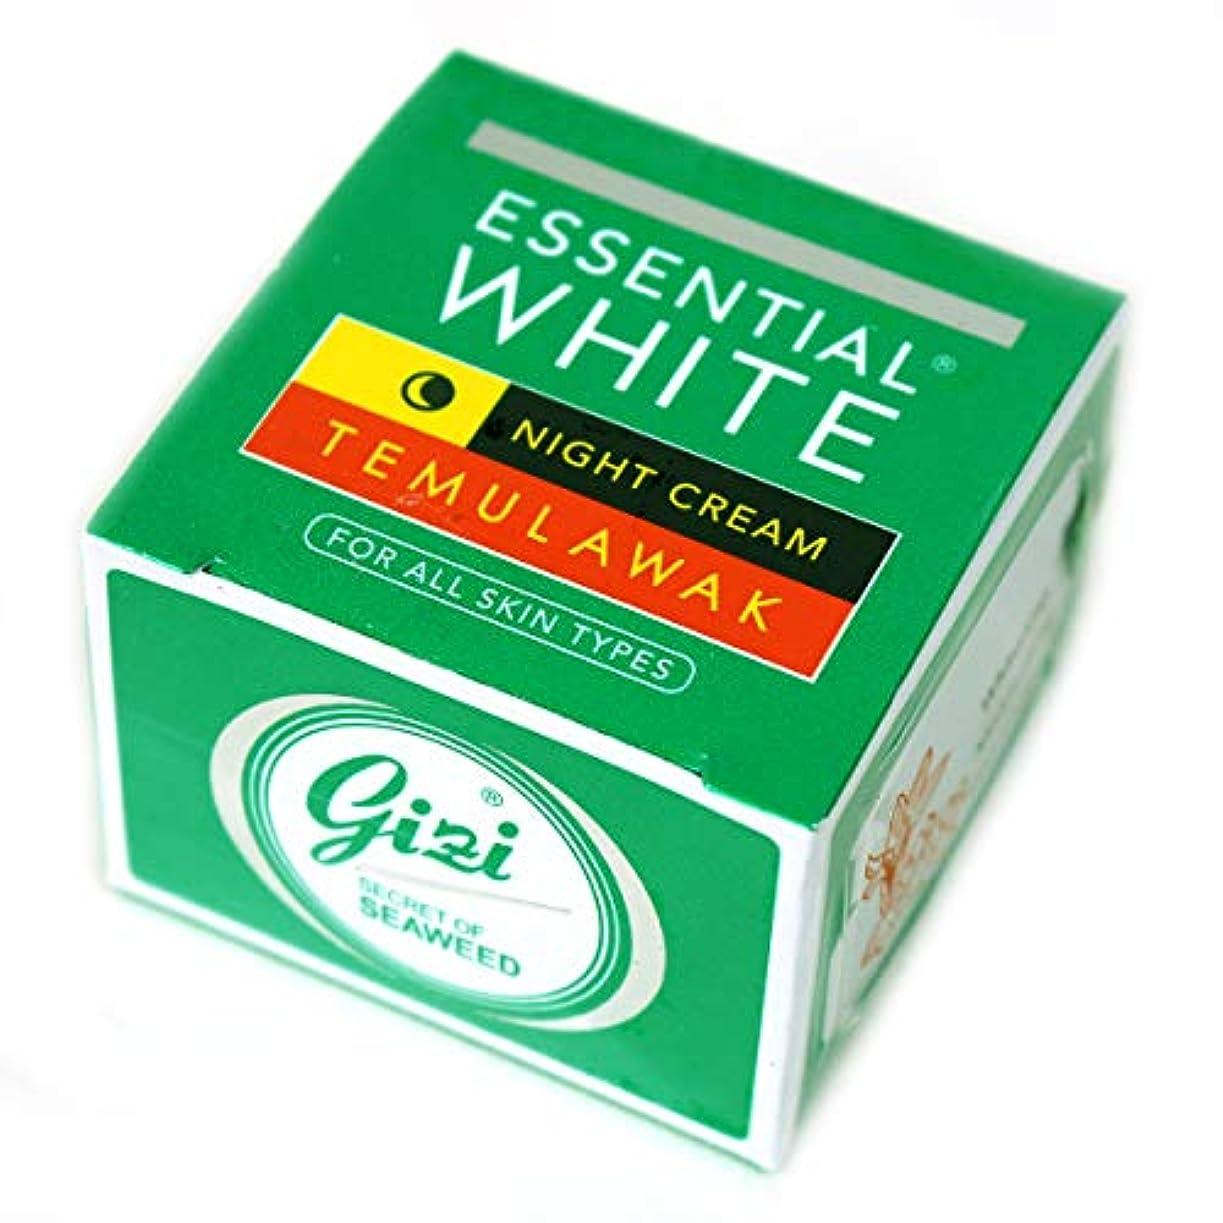 哲学博士建築家誘導ギジ gizi Essential White ナイト用スキンケアクリーム ボトルタイプ 9g テムラワク ウコン など天然成分配合 [海外直送品]